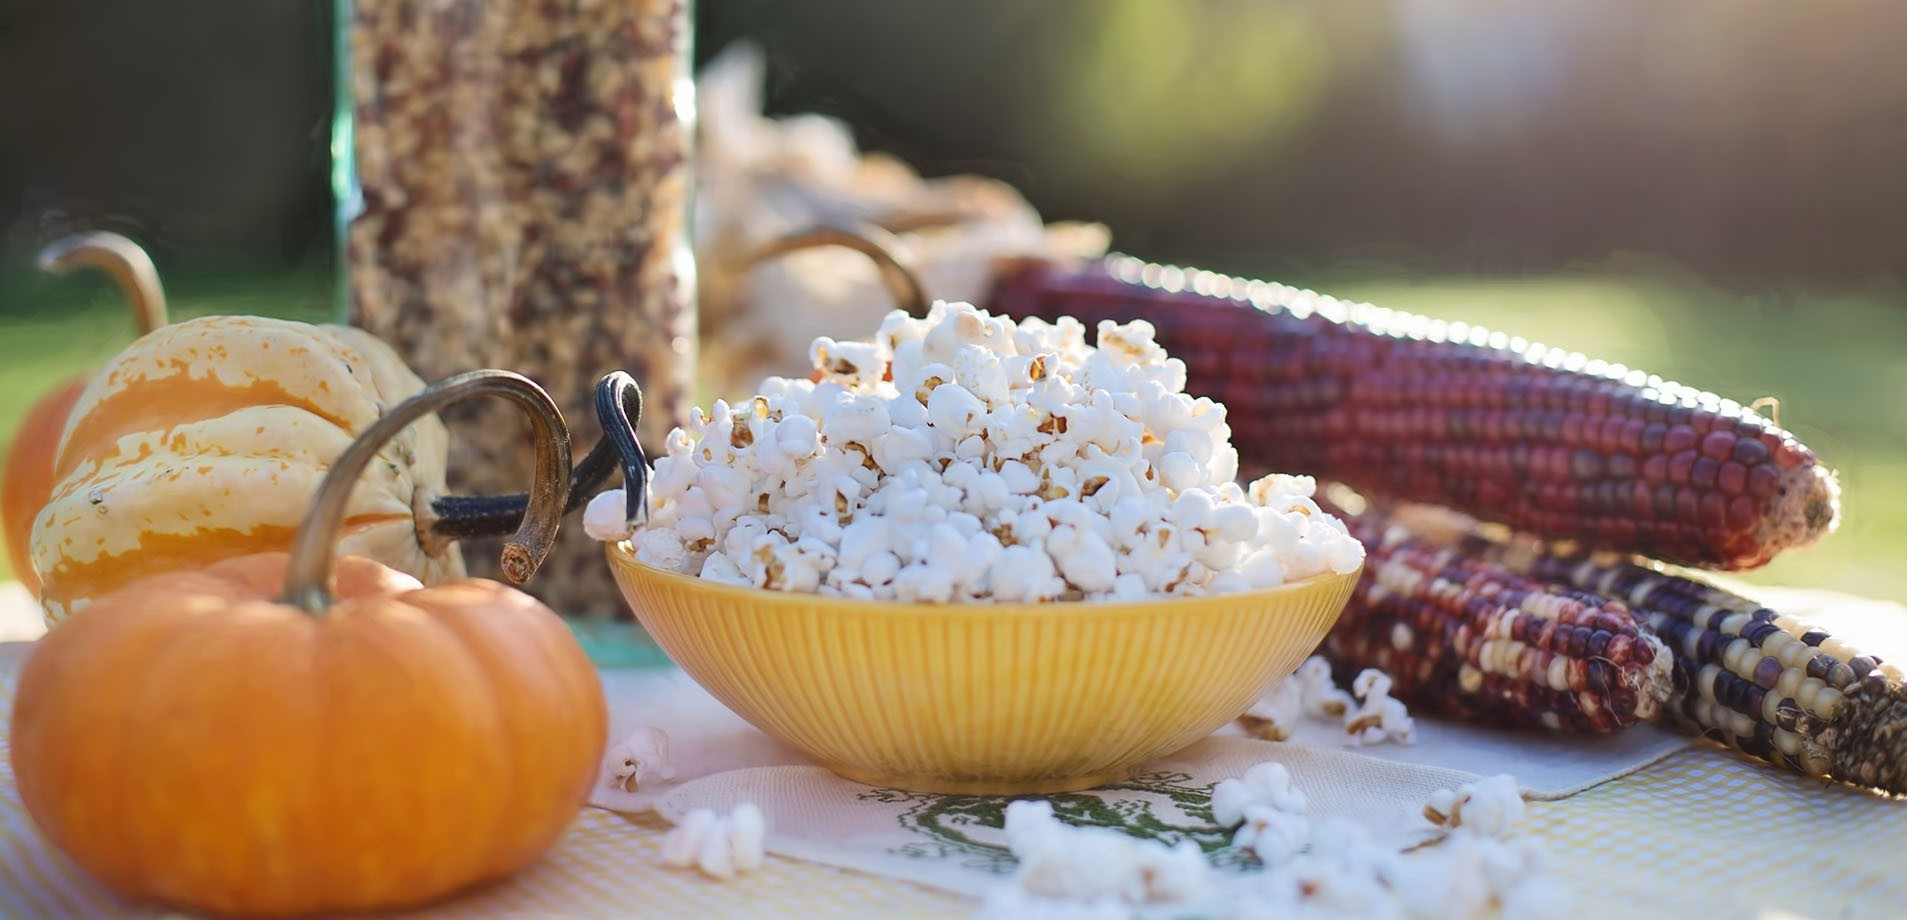 Bir Acayip Bilgi #18: Patlamış mısır nasıl patlıyor? - popcorn 969968 1920 - Bir Acayip Bilgi #18: Patlamış mısır nasıl patlıyor?